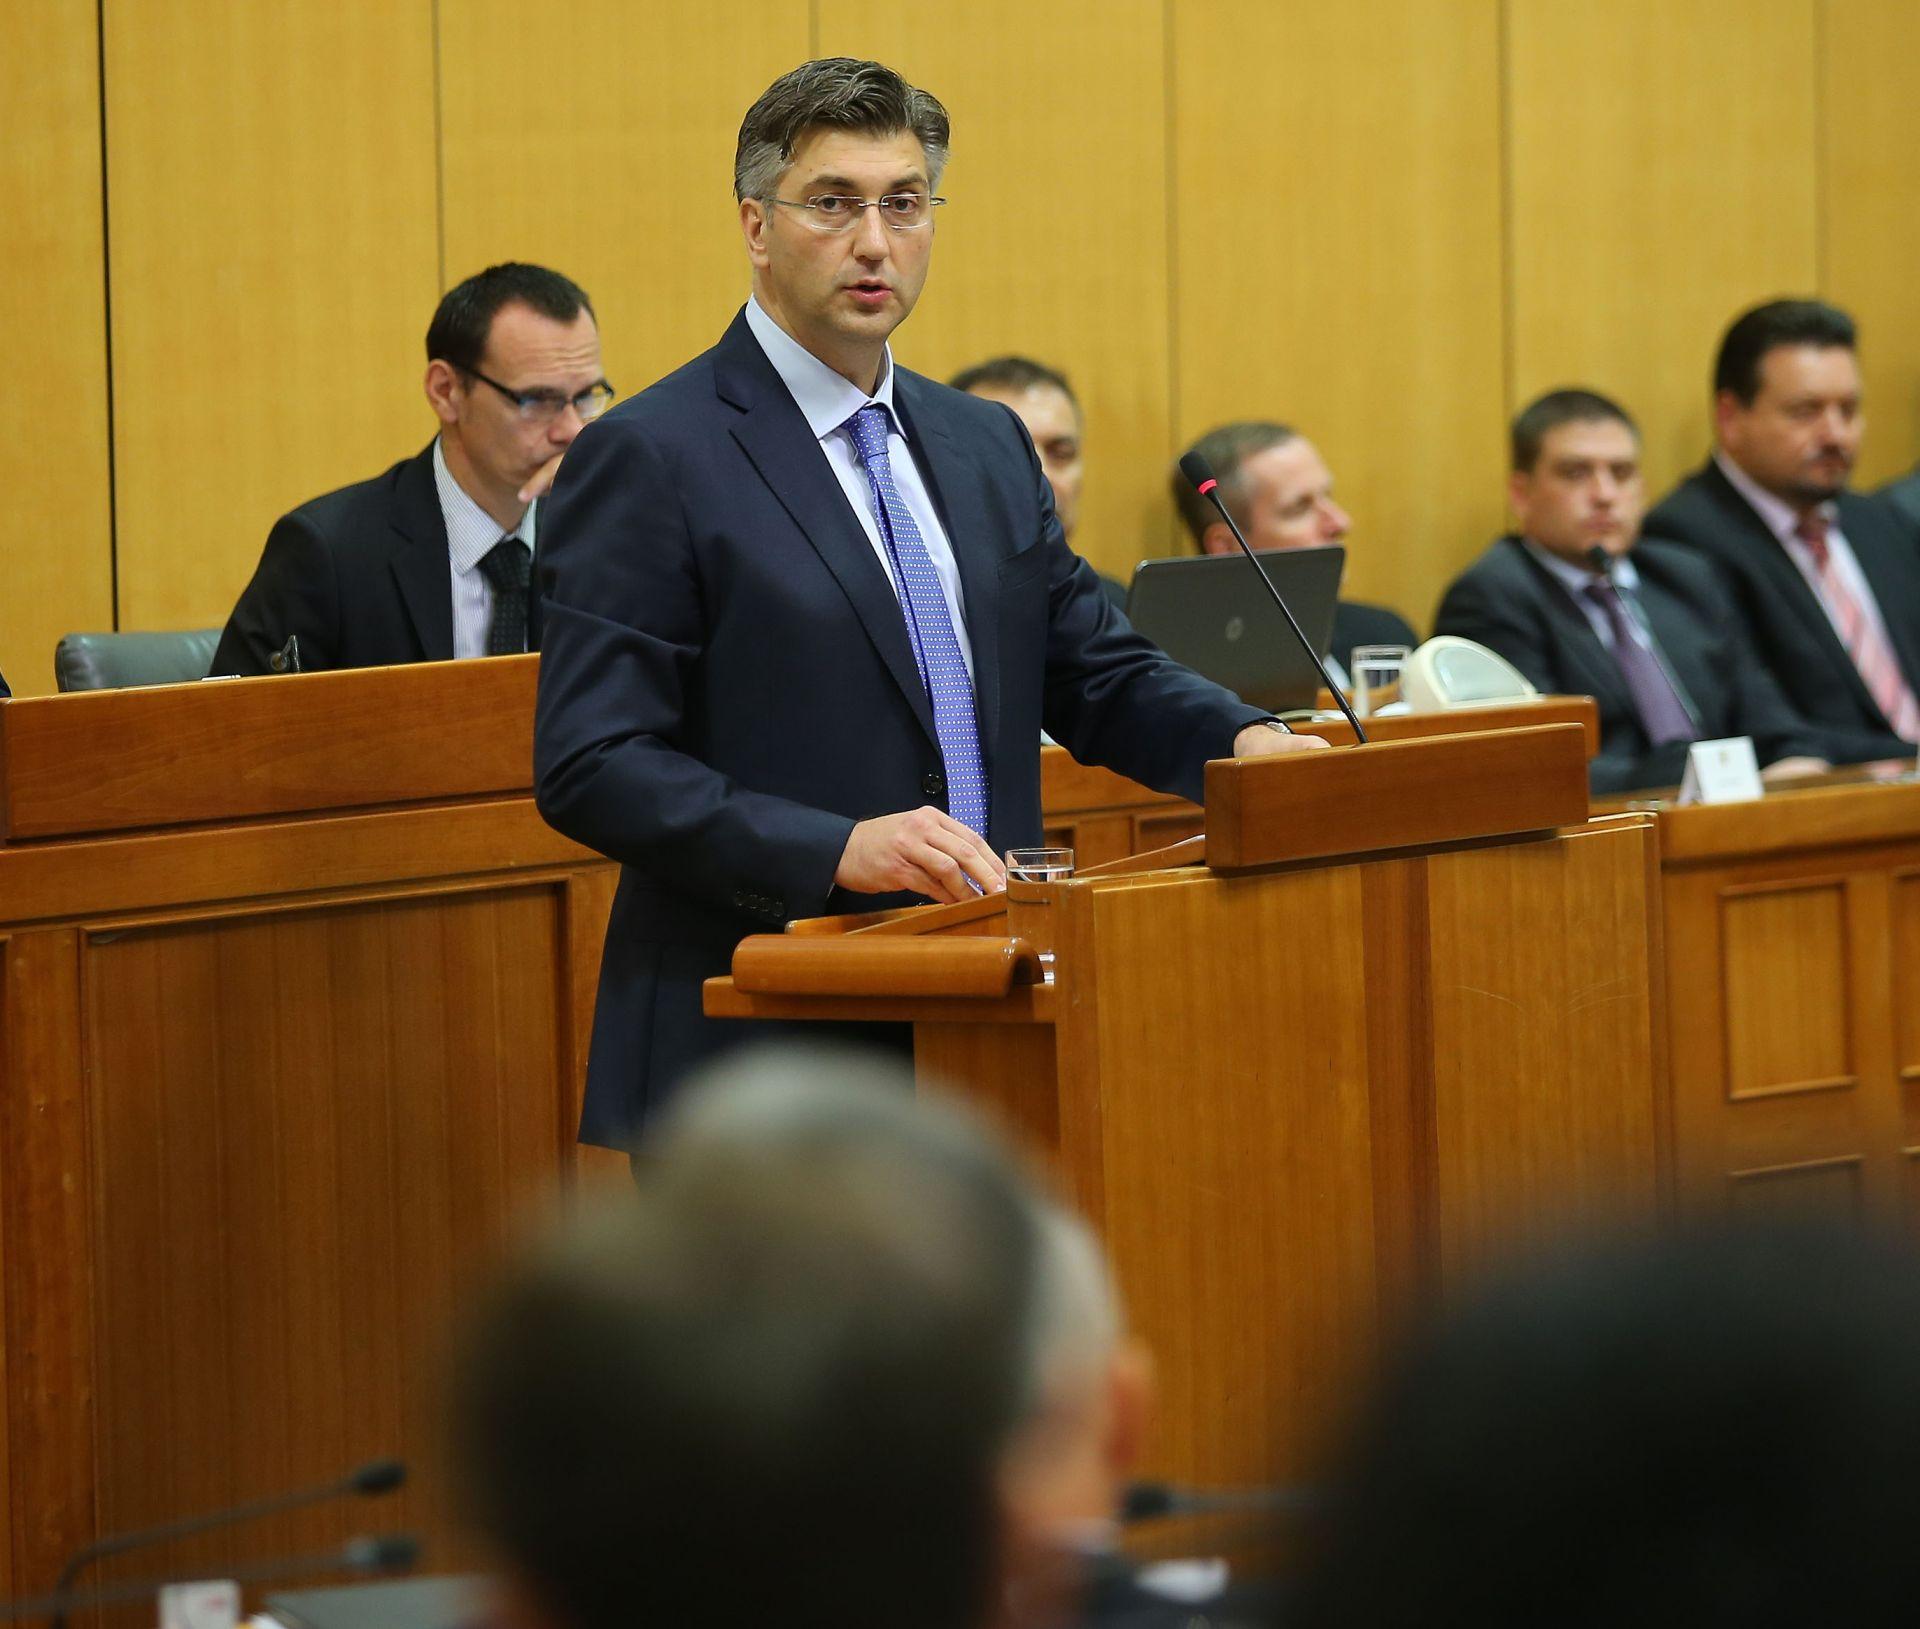 PLENKOVIĆ: 'Nastojat ćemo pripremiti kvalitetan proračun za 2017., što više orijentiran gospodarskom razvoju'